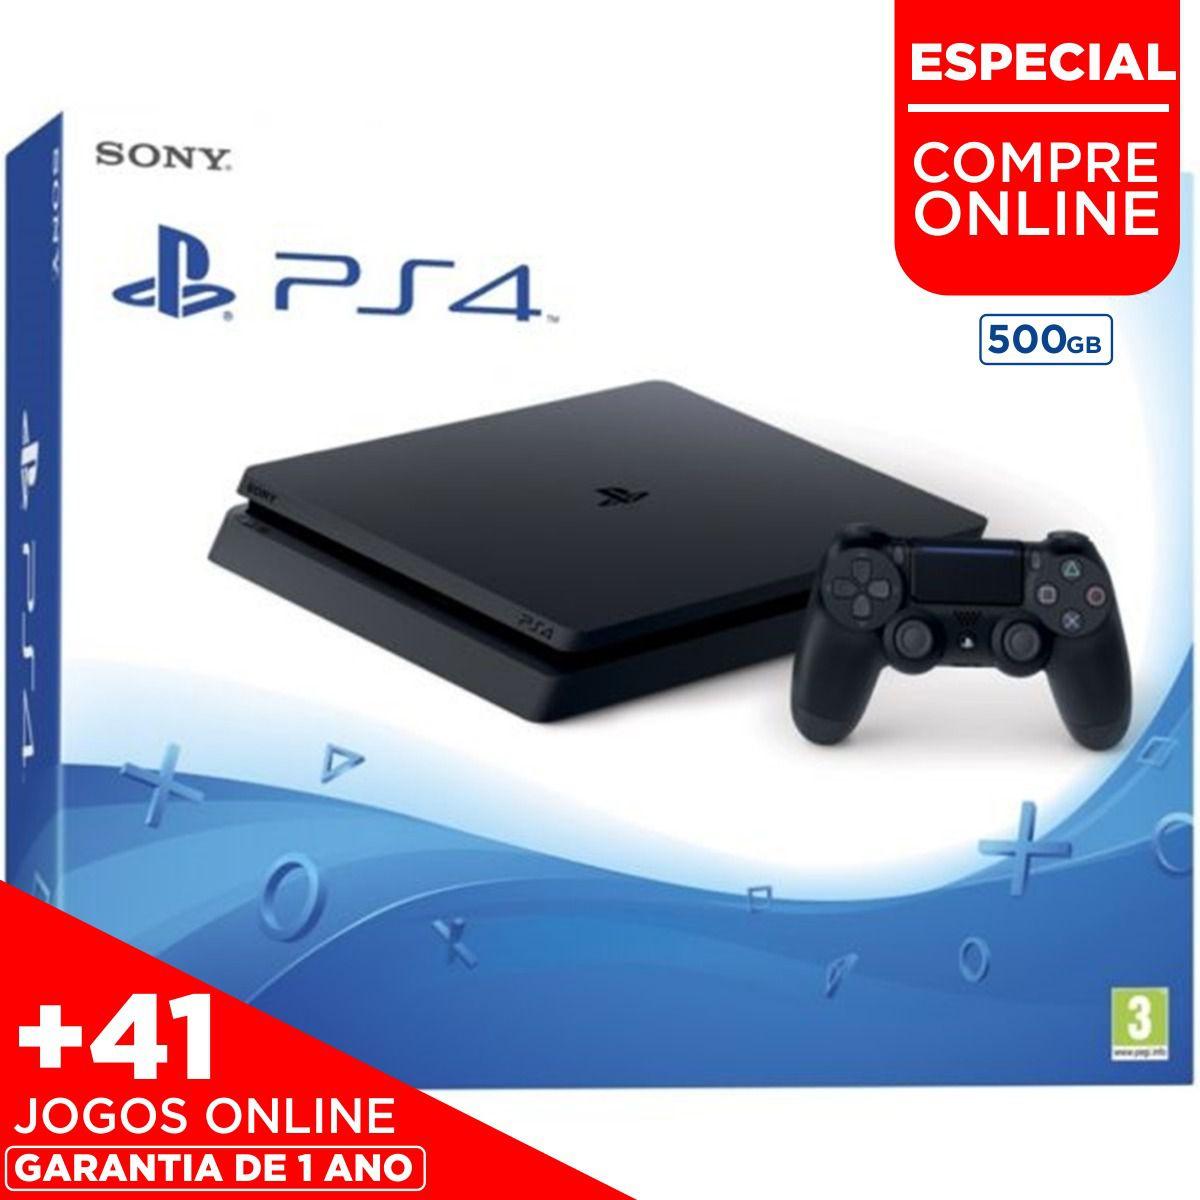 Console Playstation 4 Slim 500GB + 41 JOGOS DIGITAIS (PROMOÇÃO)